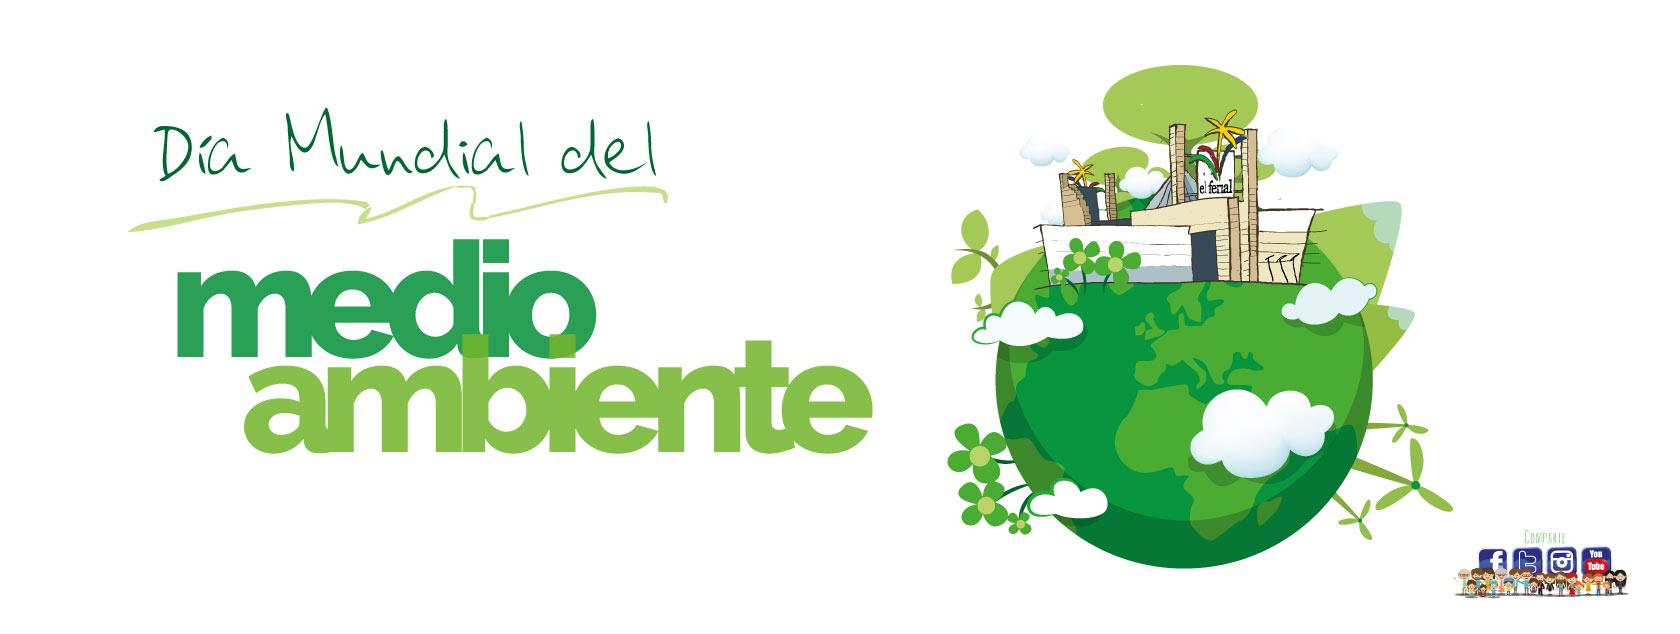 Día Mundial del Medio Ambiente 2017